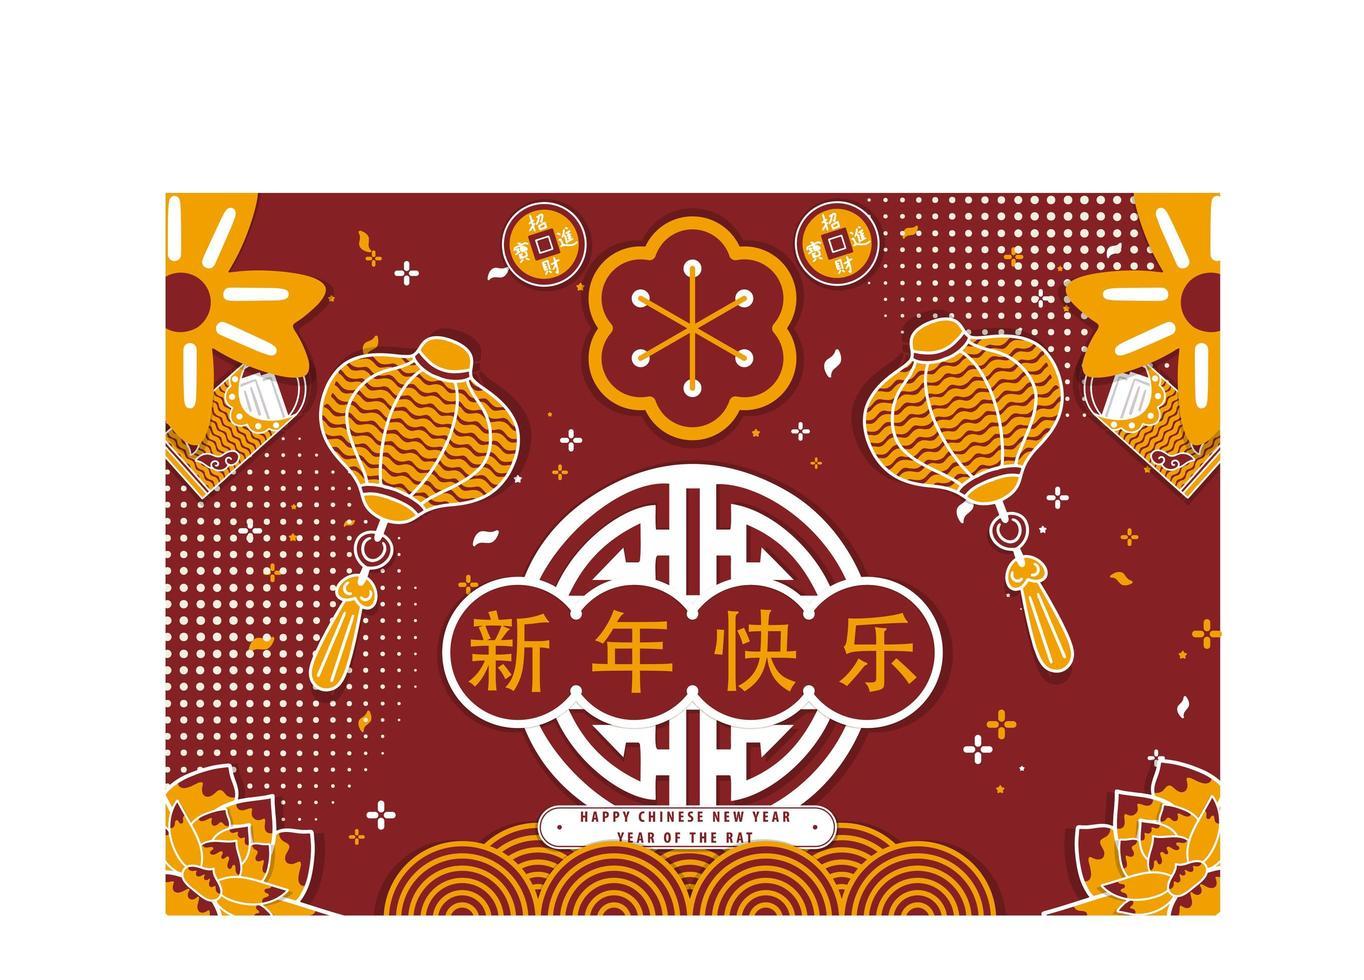 Joyeux nouvel an chinois 2020 avec fleur et éléments asiatiques vecteur